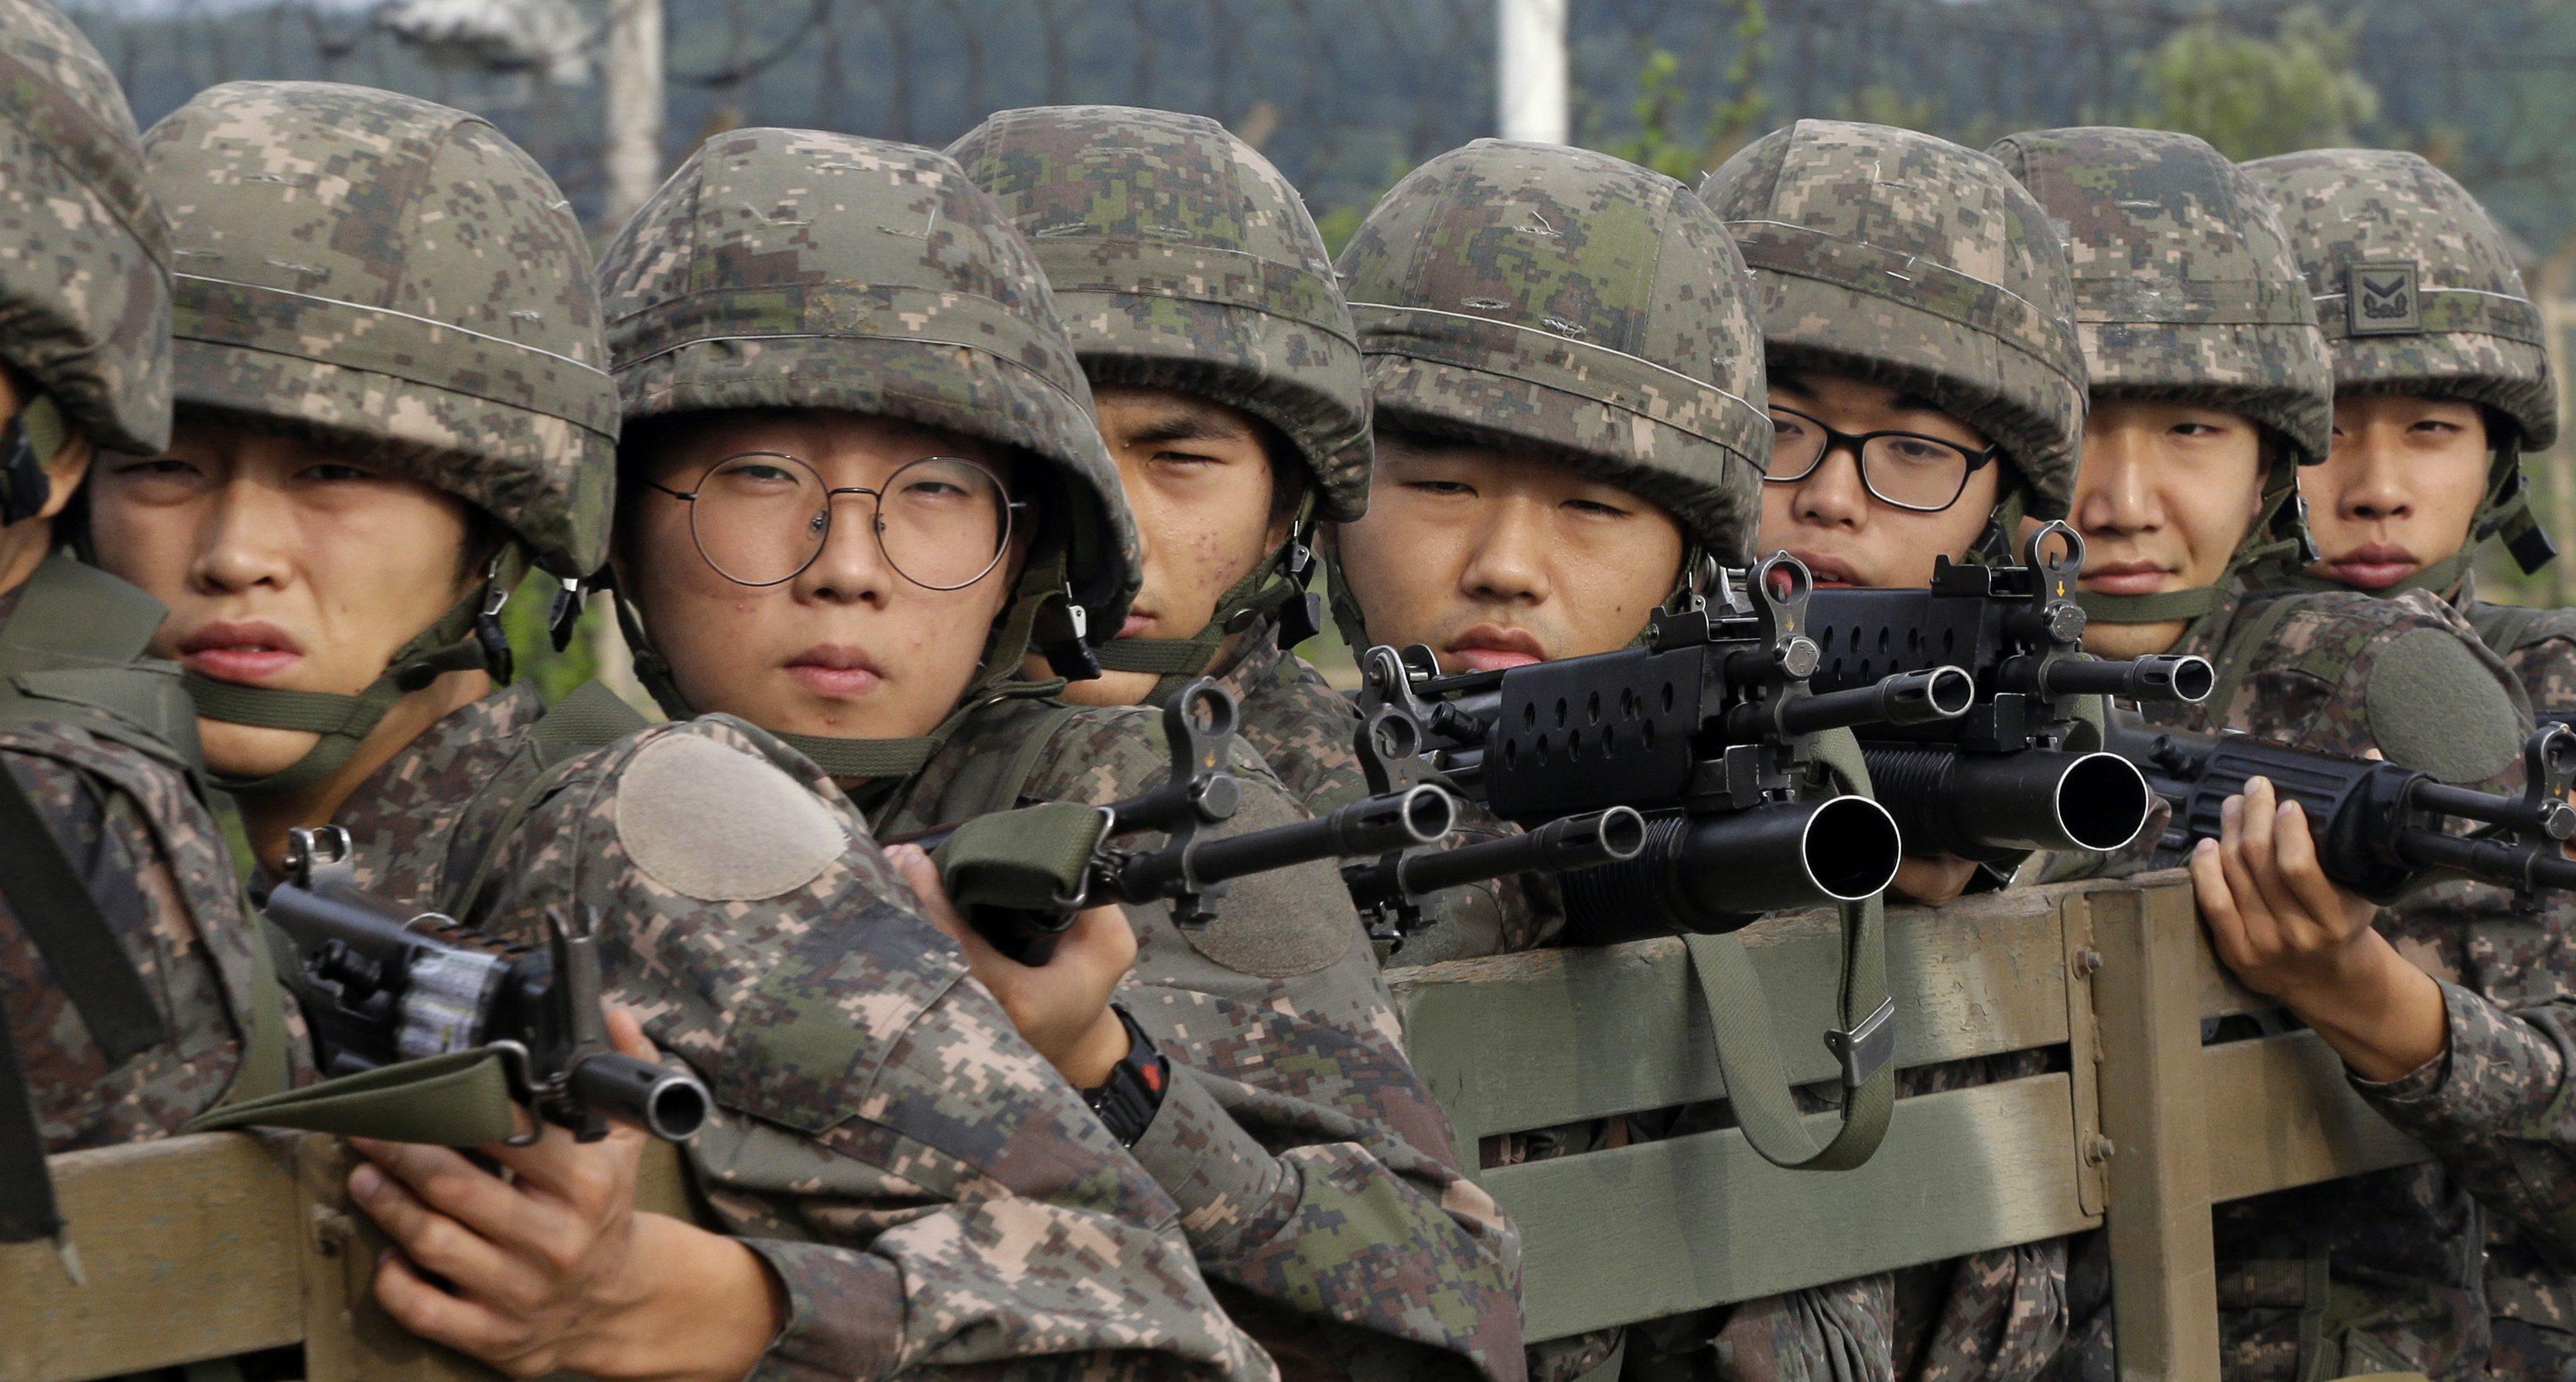 Gay army